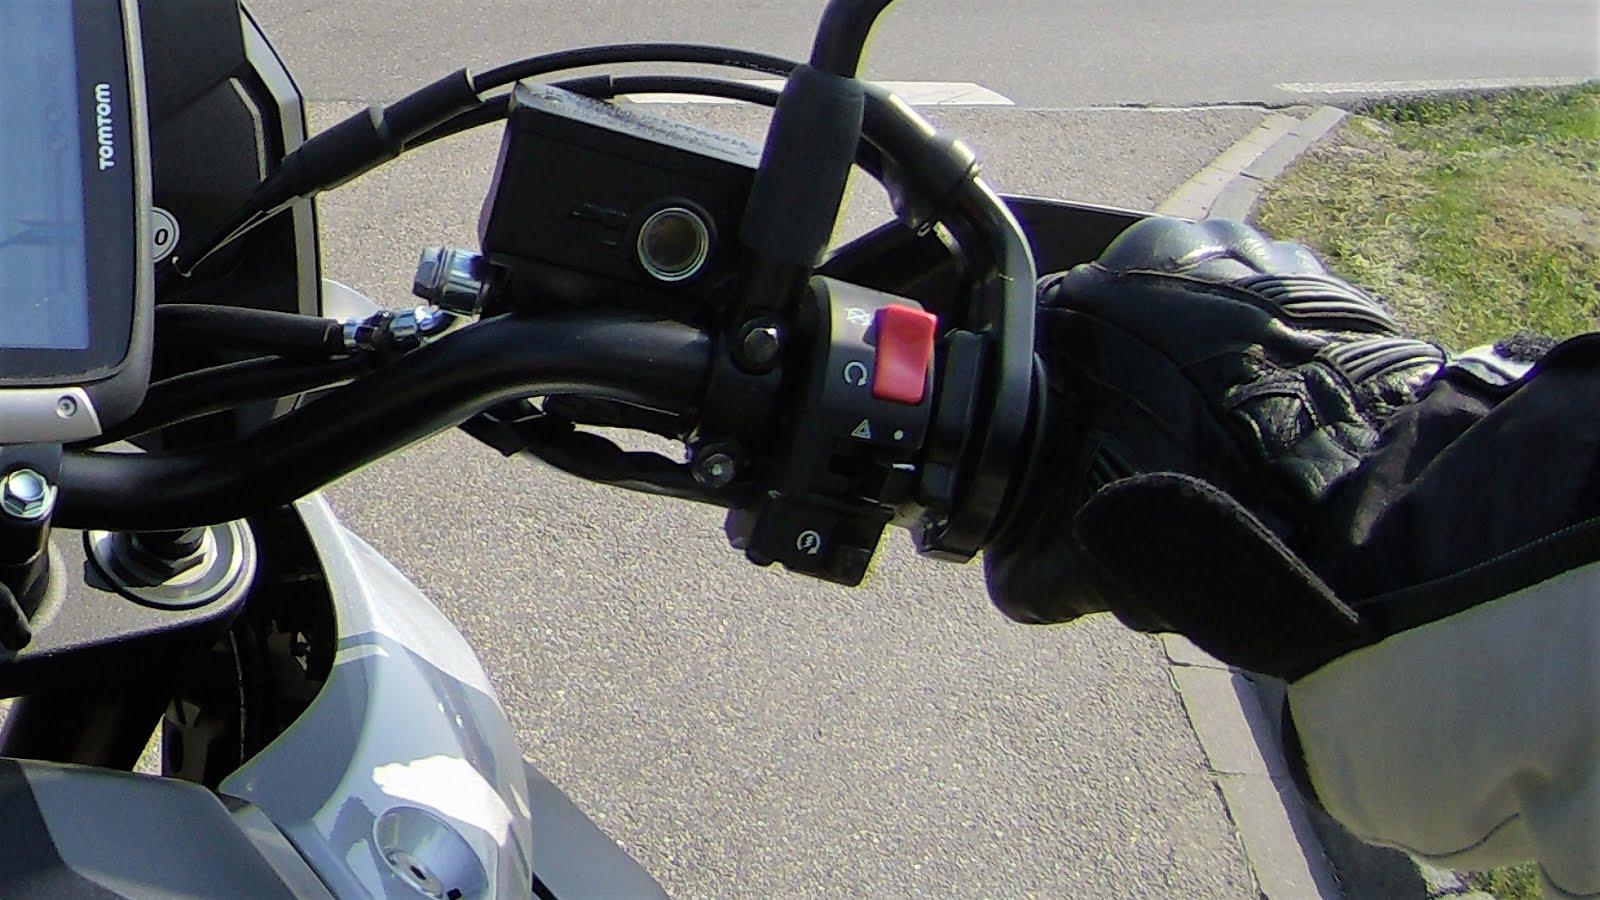 Tolle Suzuki Motorrad Schaltpläne Galerie - Verdrahtungsideen ...